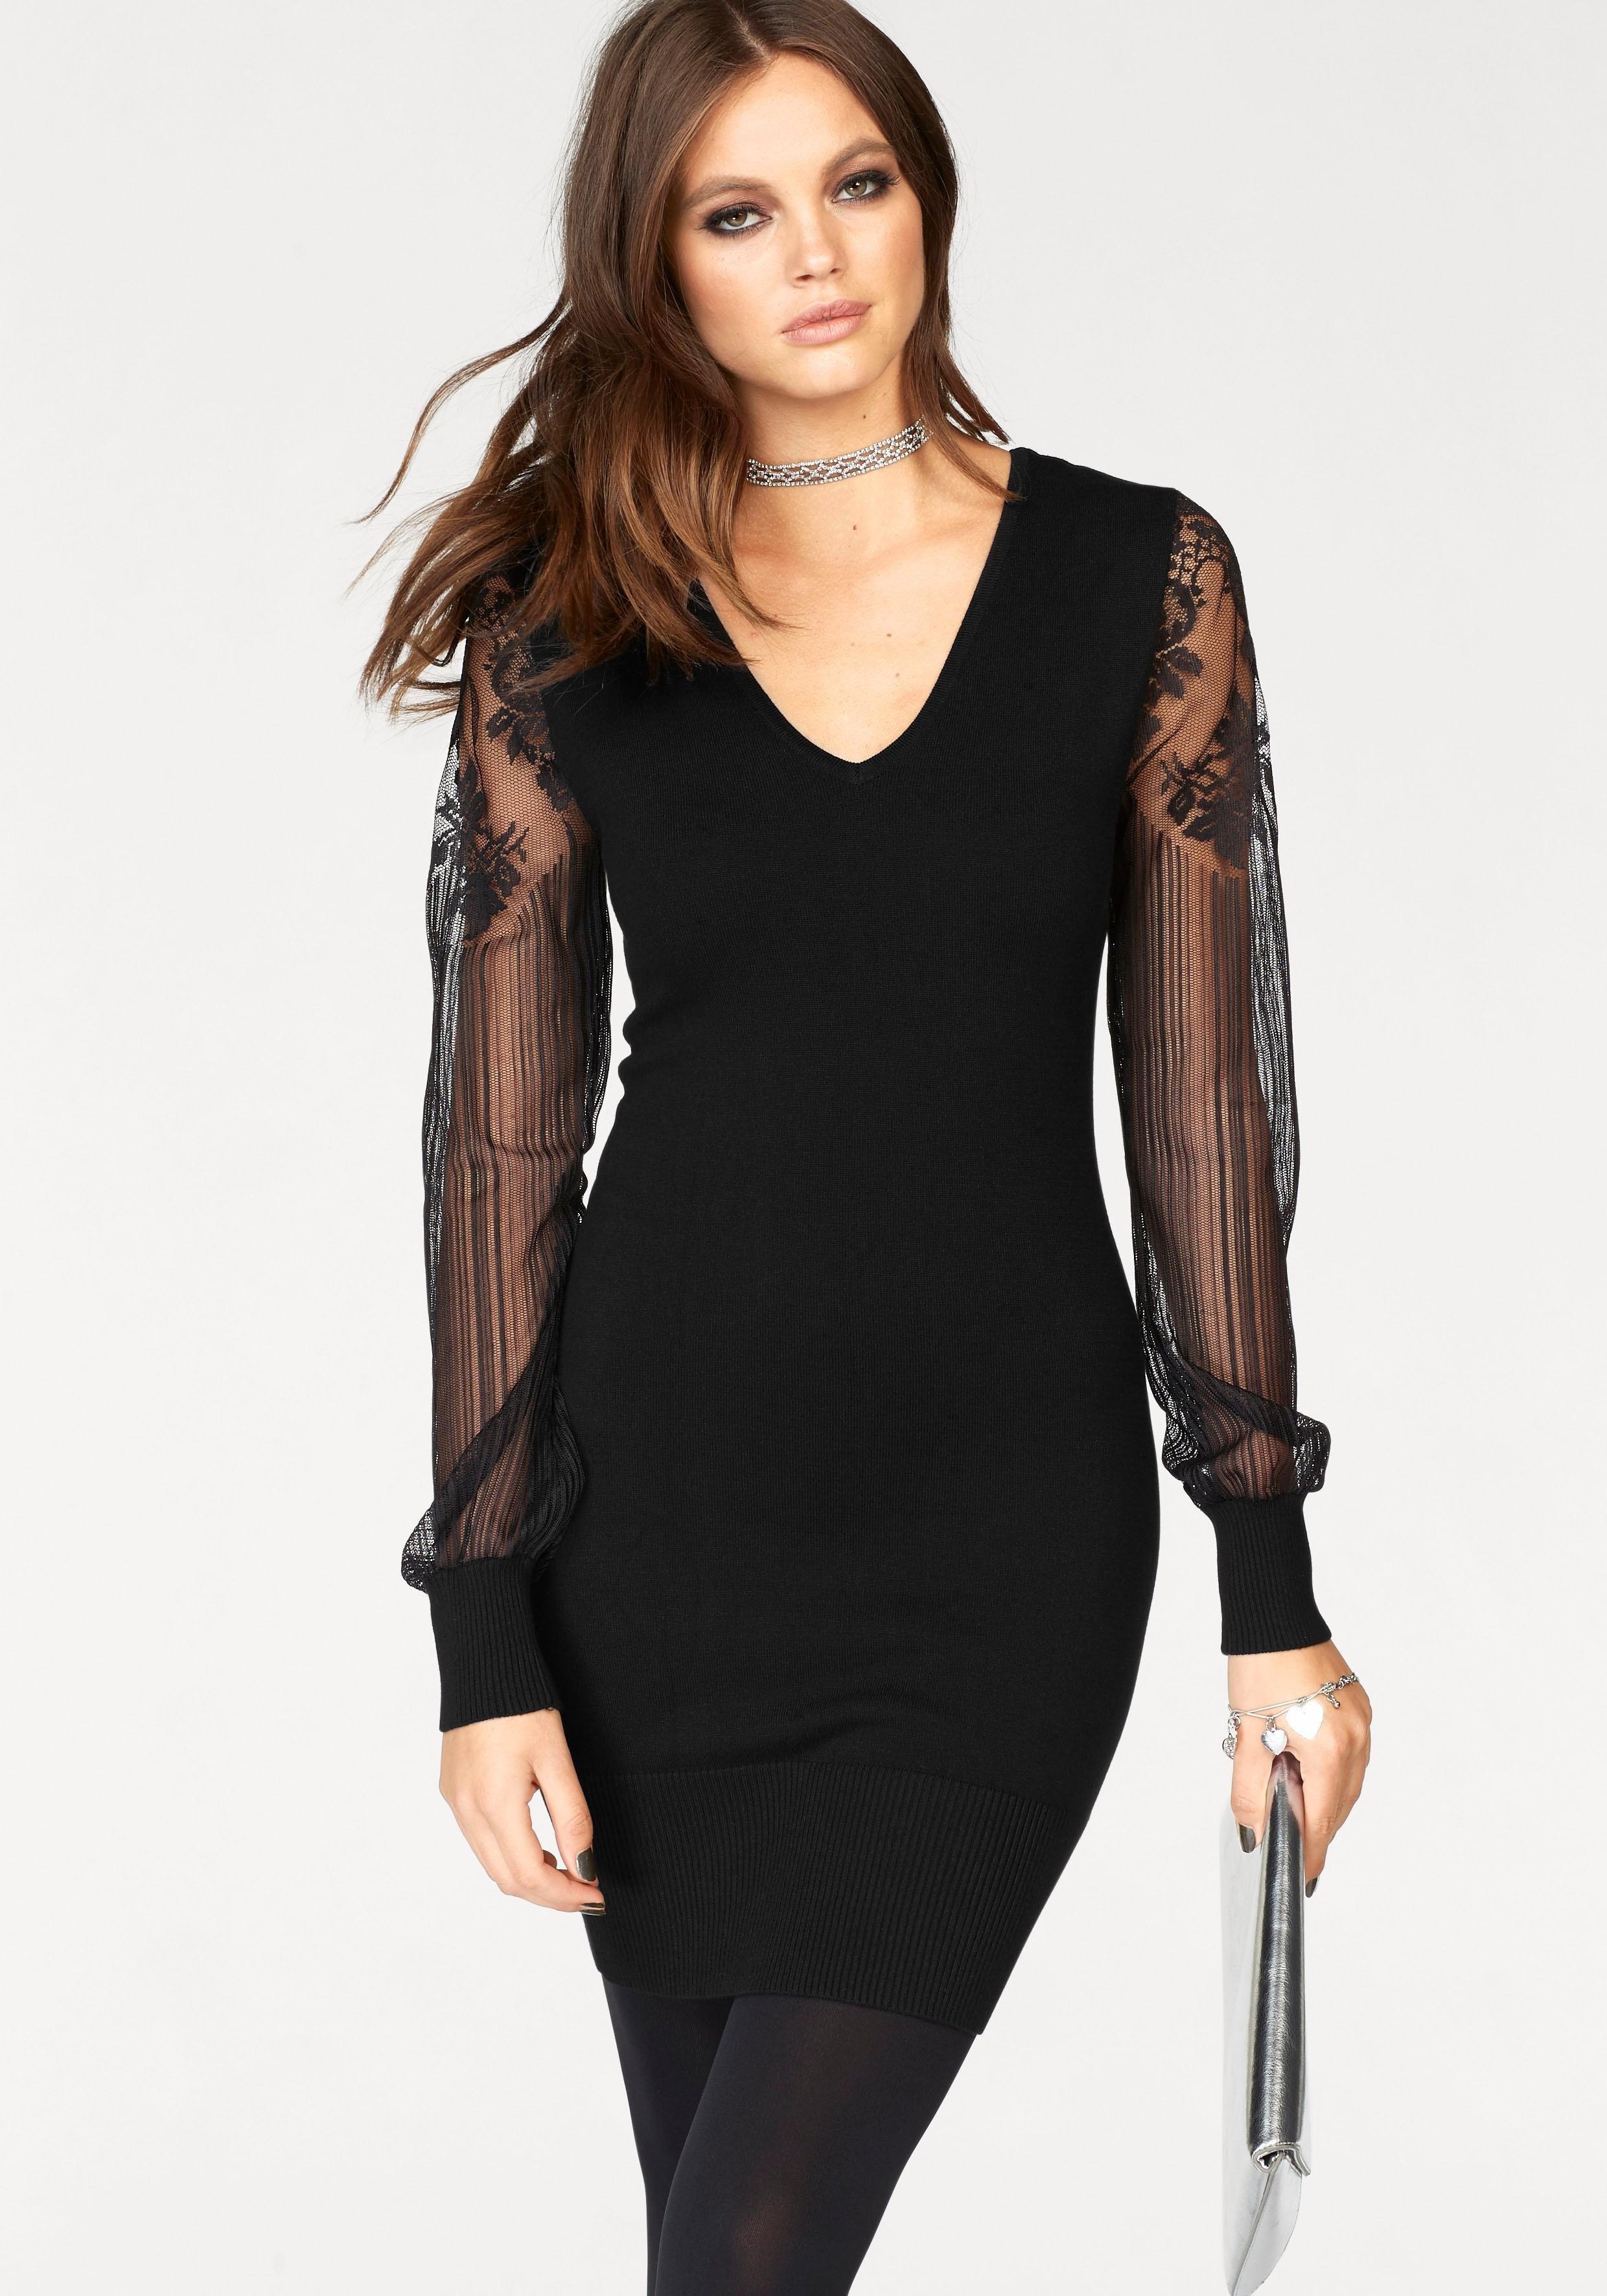 c872d22e36a1d5 Gebreide jurk online kopen  Shop je jurk hier